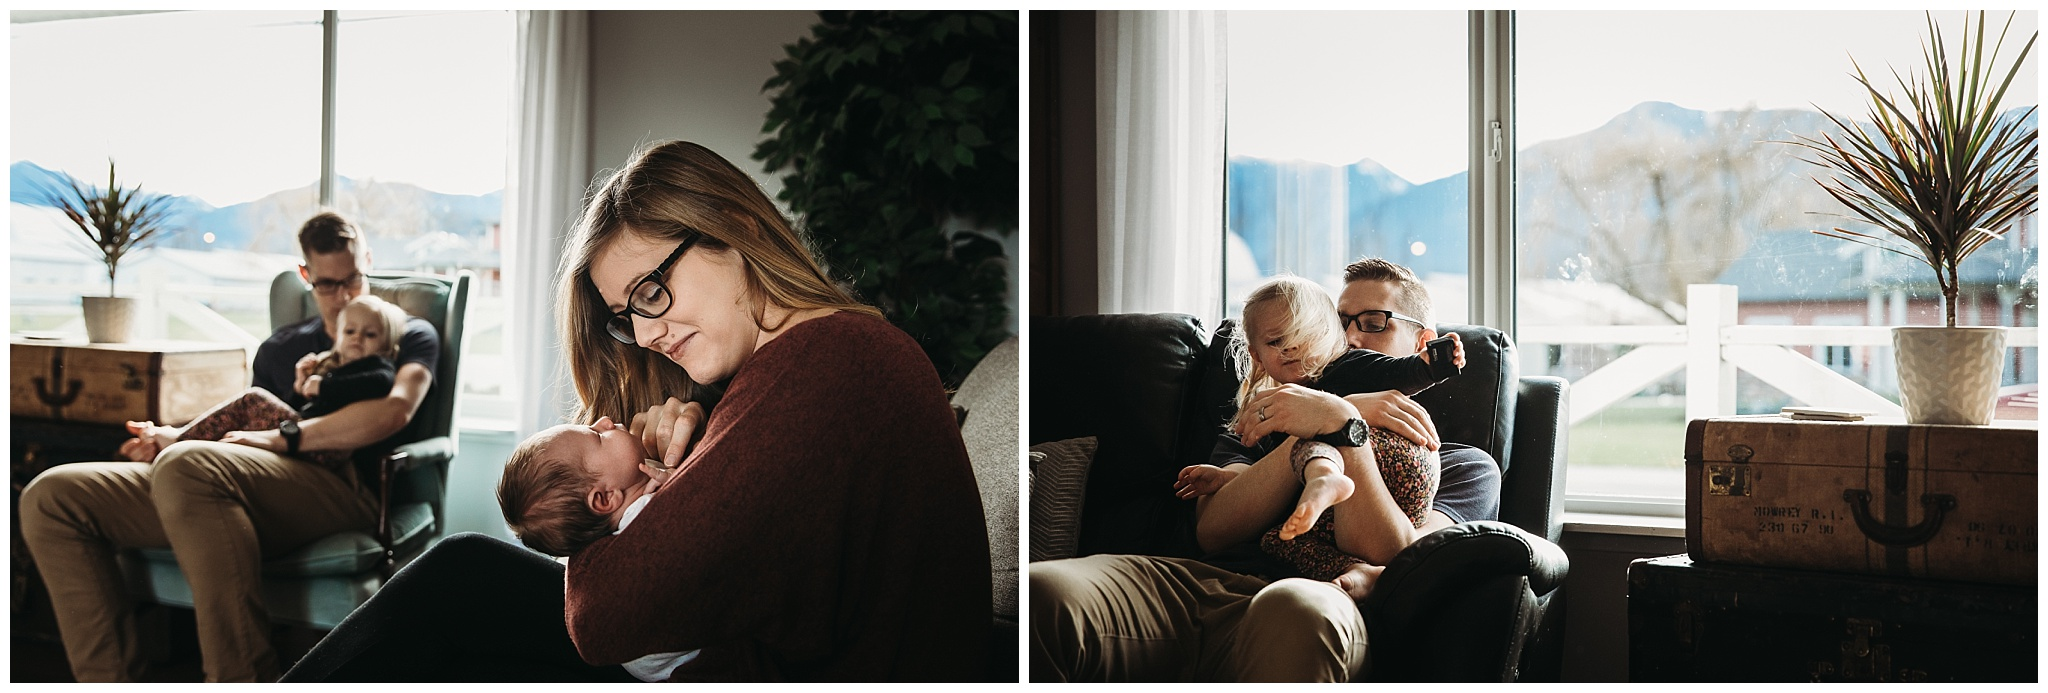 Chilliwack-Family-Newborn-Fresh48-Photographer-2.jpg